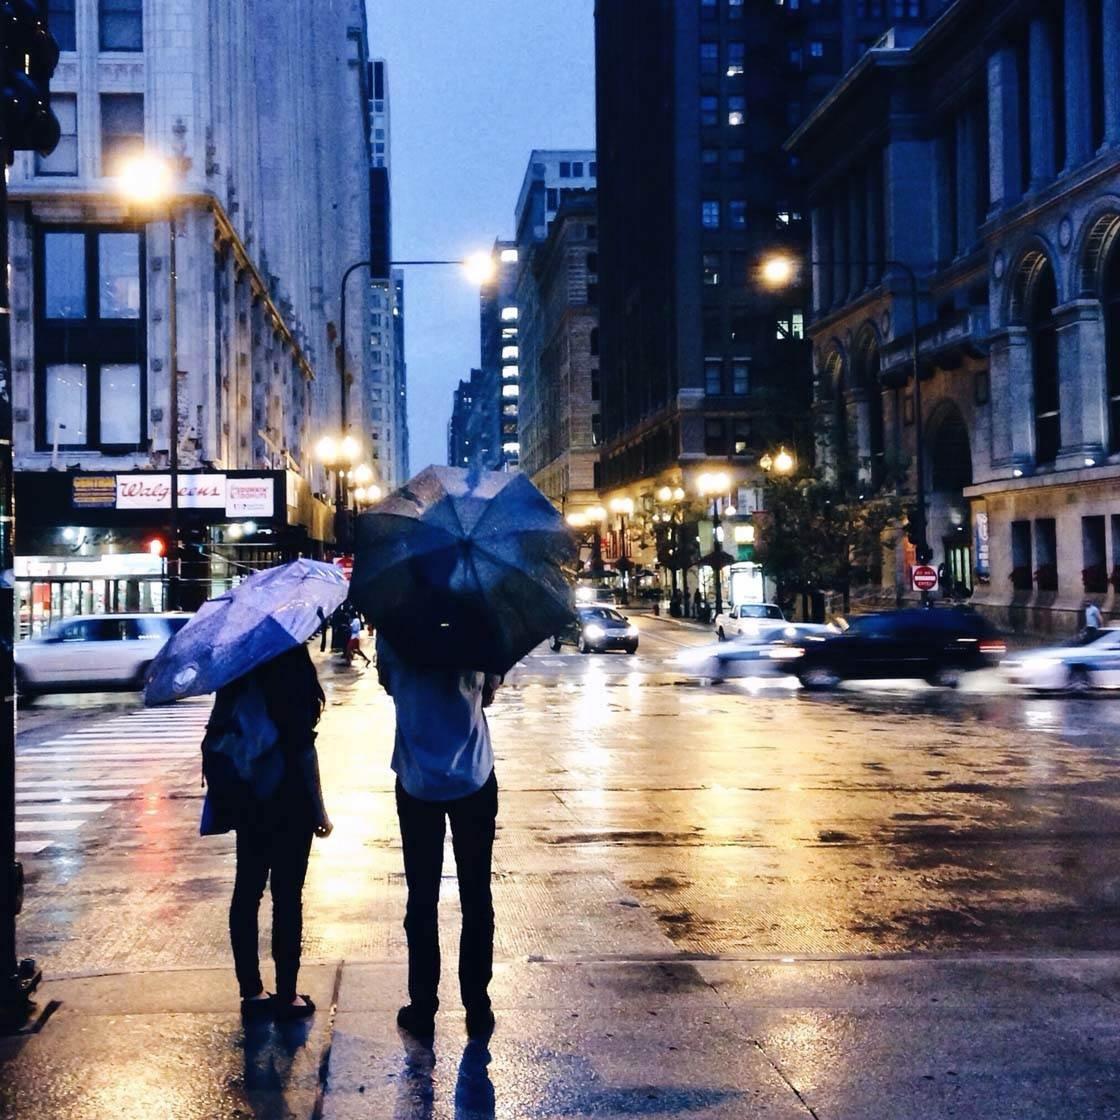 Busy City iPhone Photos 14 no script